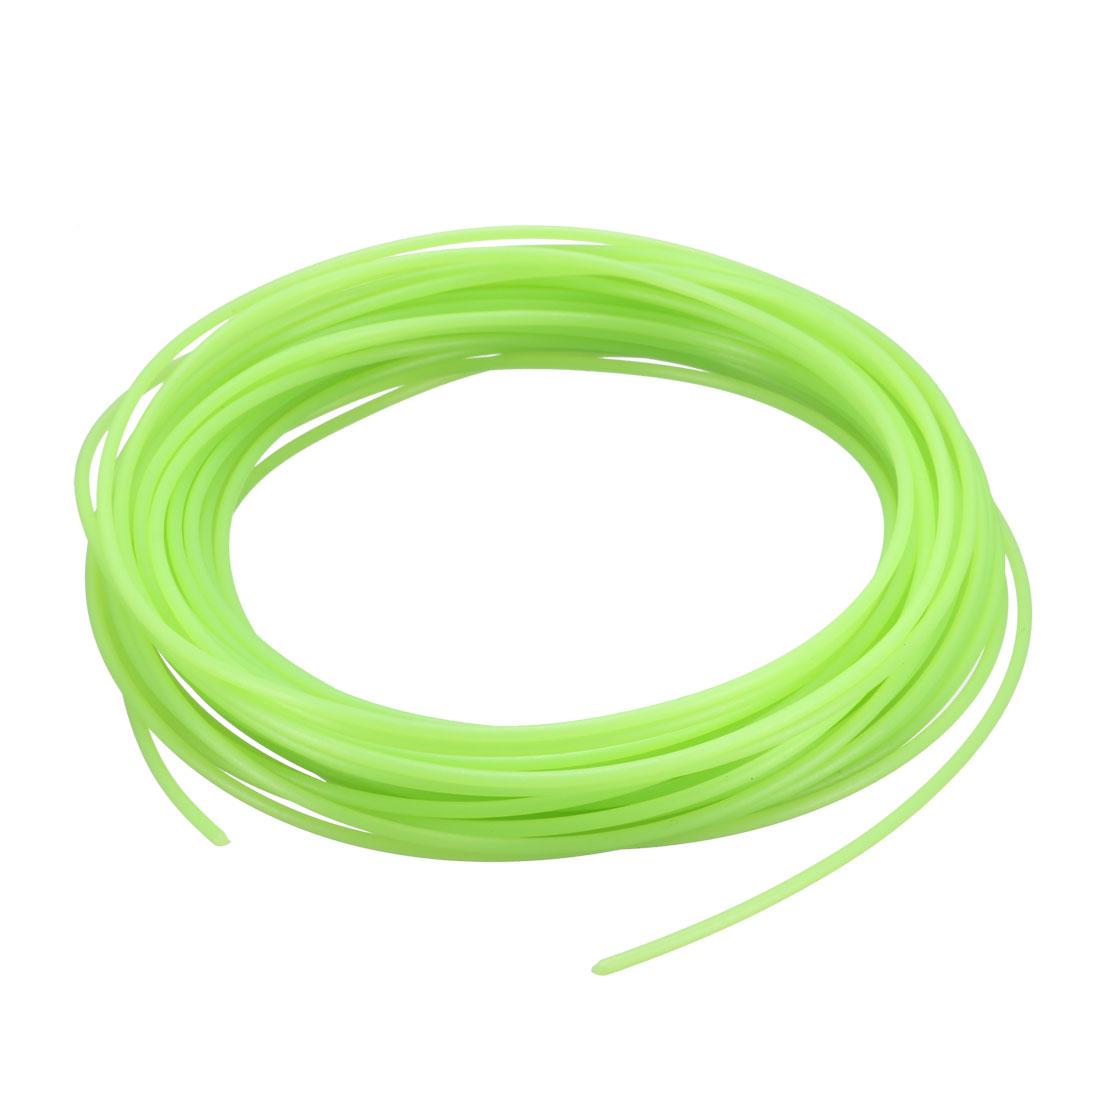 10 Meter/32.5 Ft PLA 3D Pen/3D Printer Filament, 1.75 mm Luminous Green